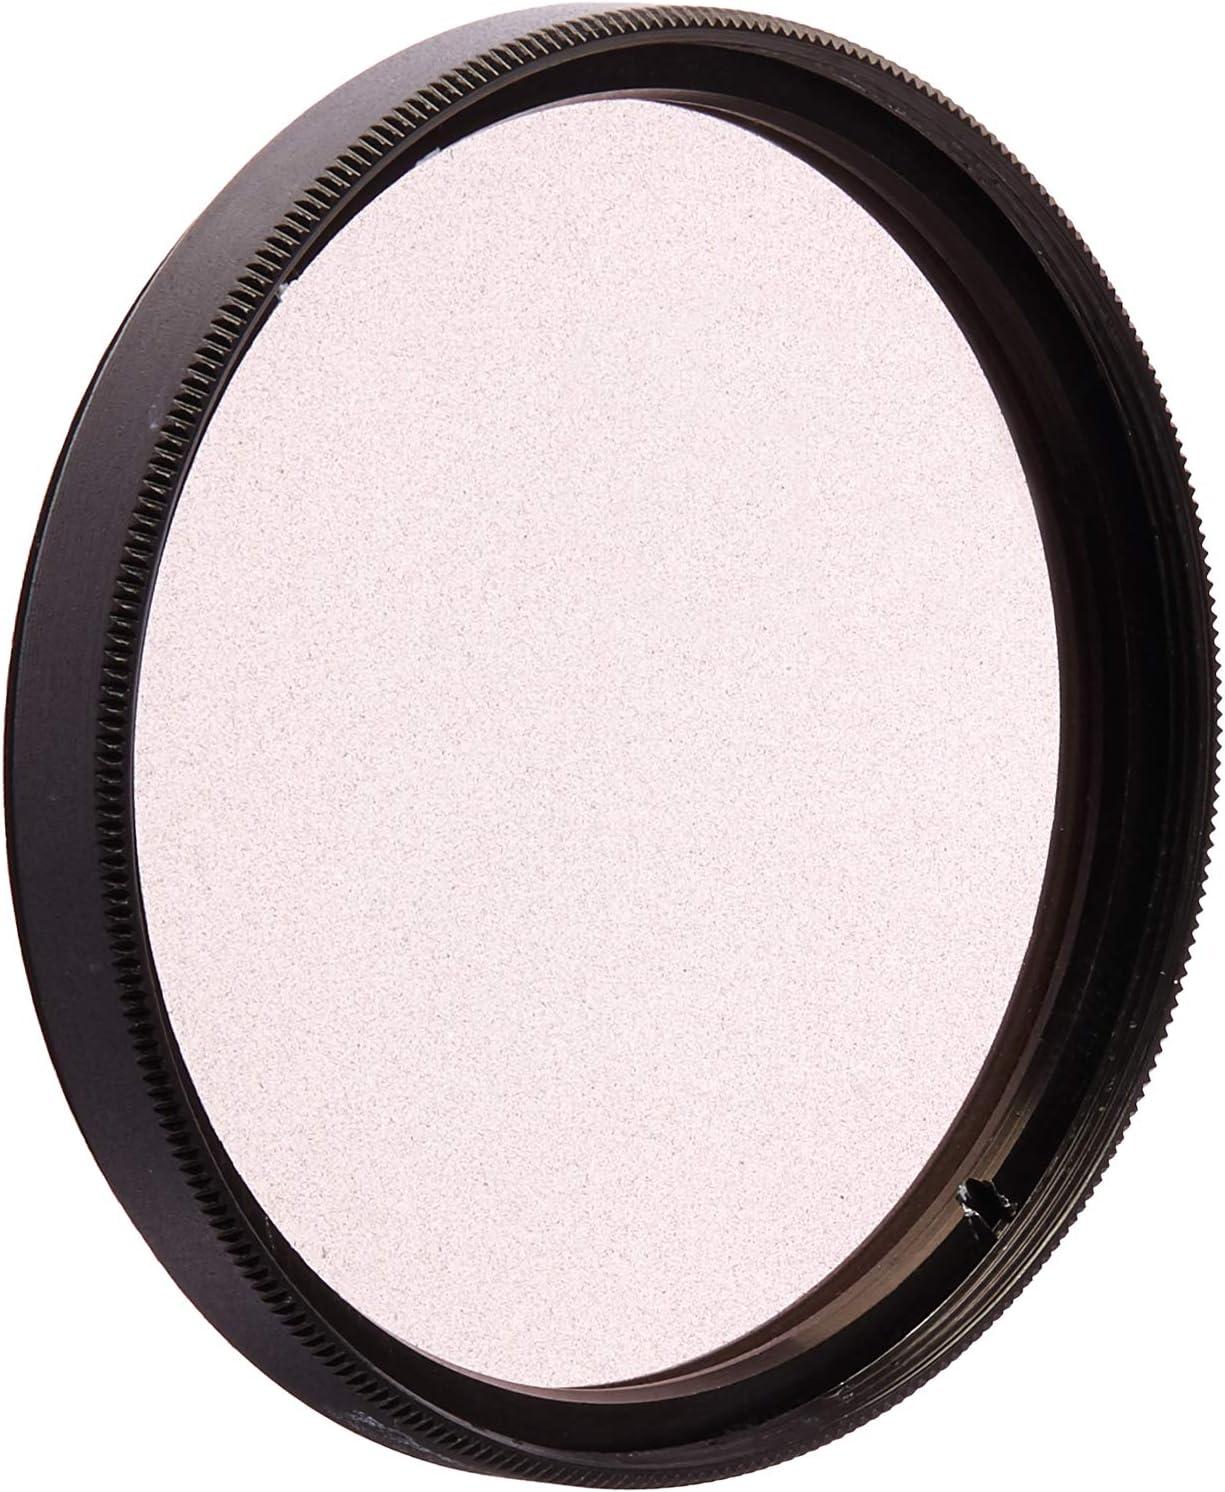 Tiffen 58WBPM3 58mm Warm Black Pro-Mist 3 Filter